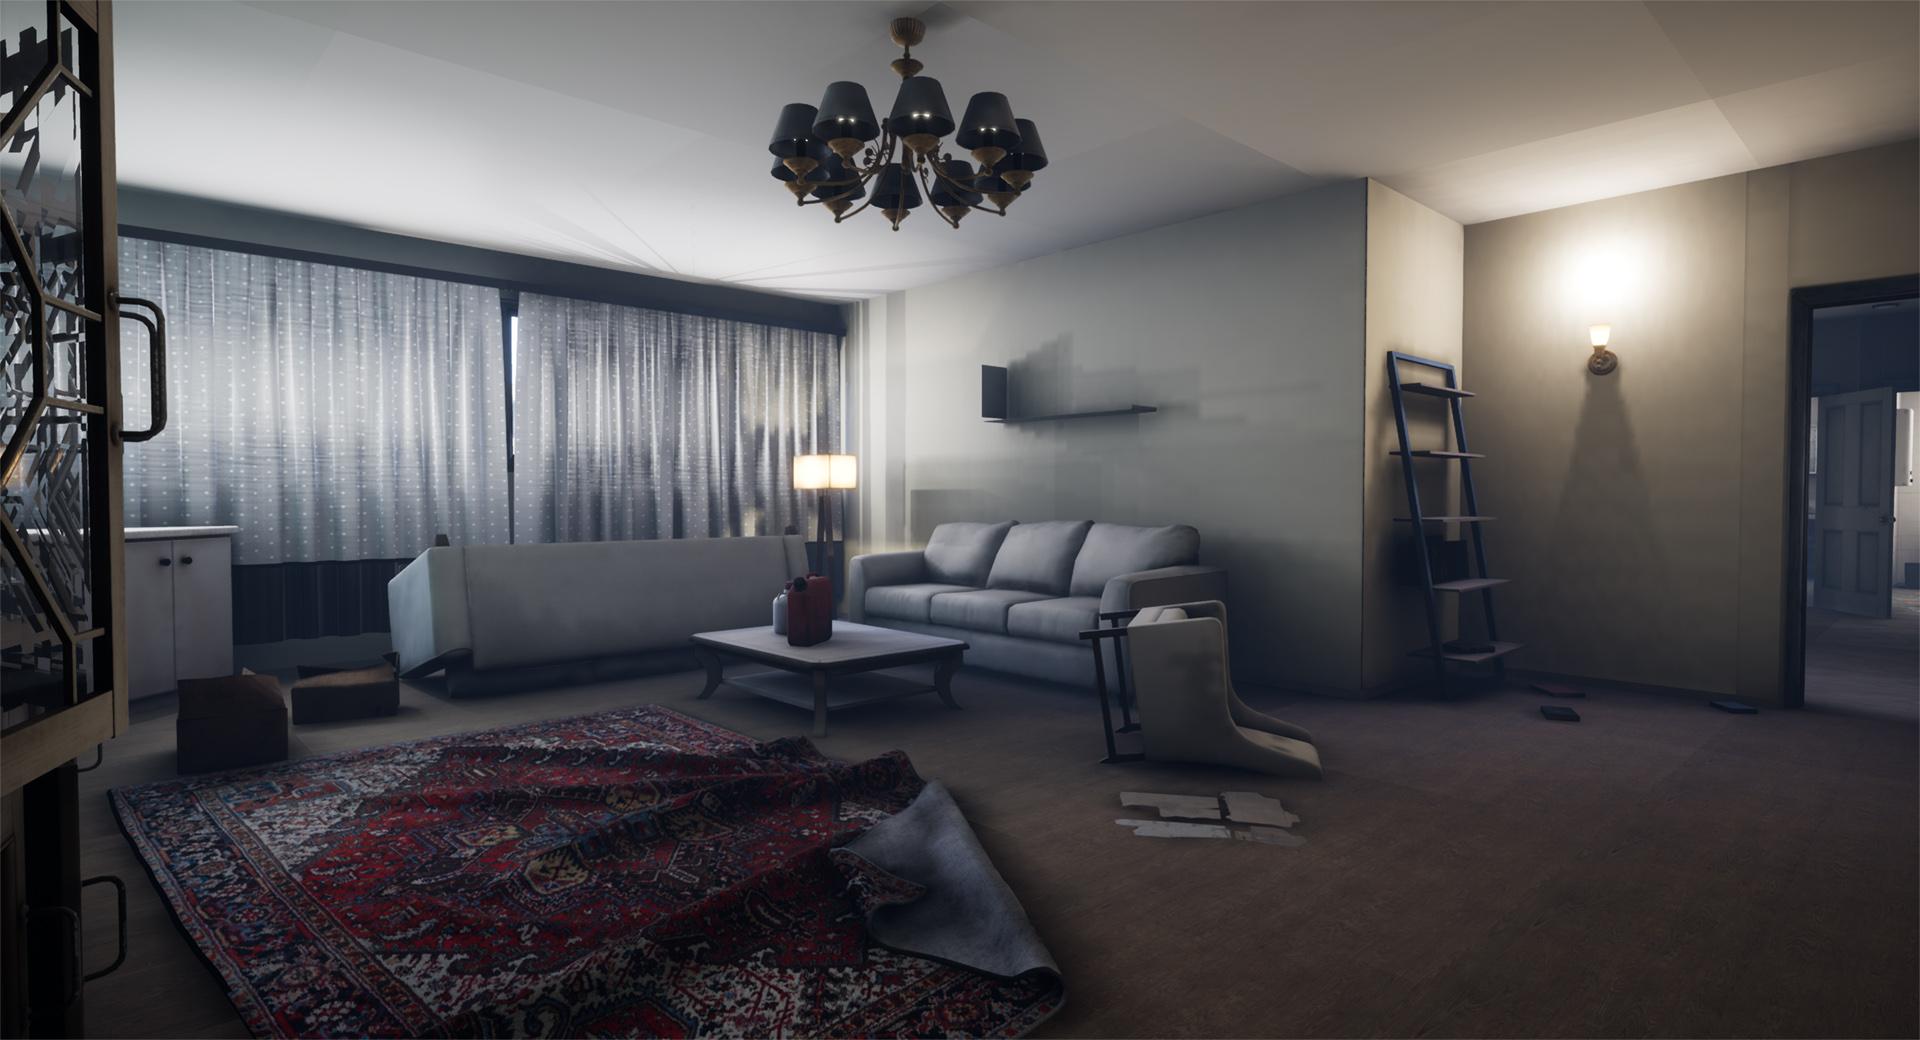 Apartment 2 - living room interior